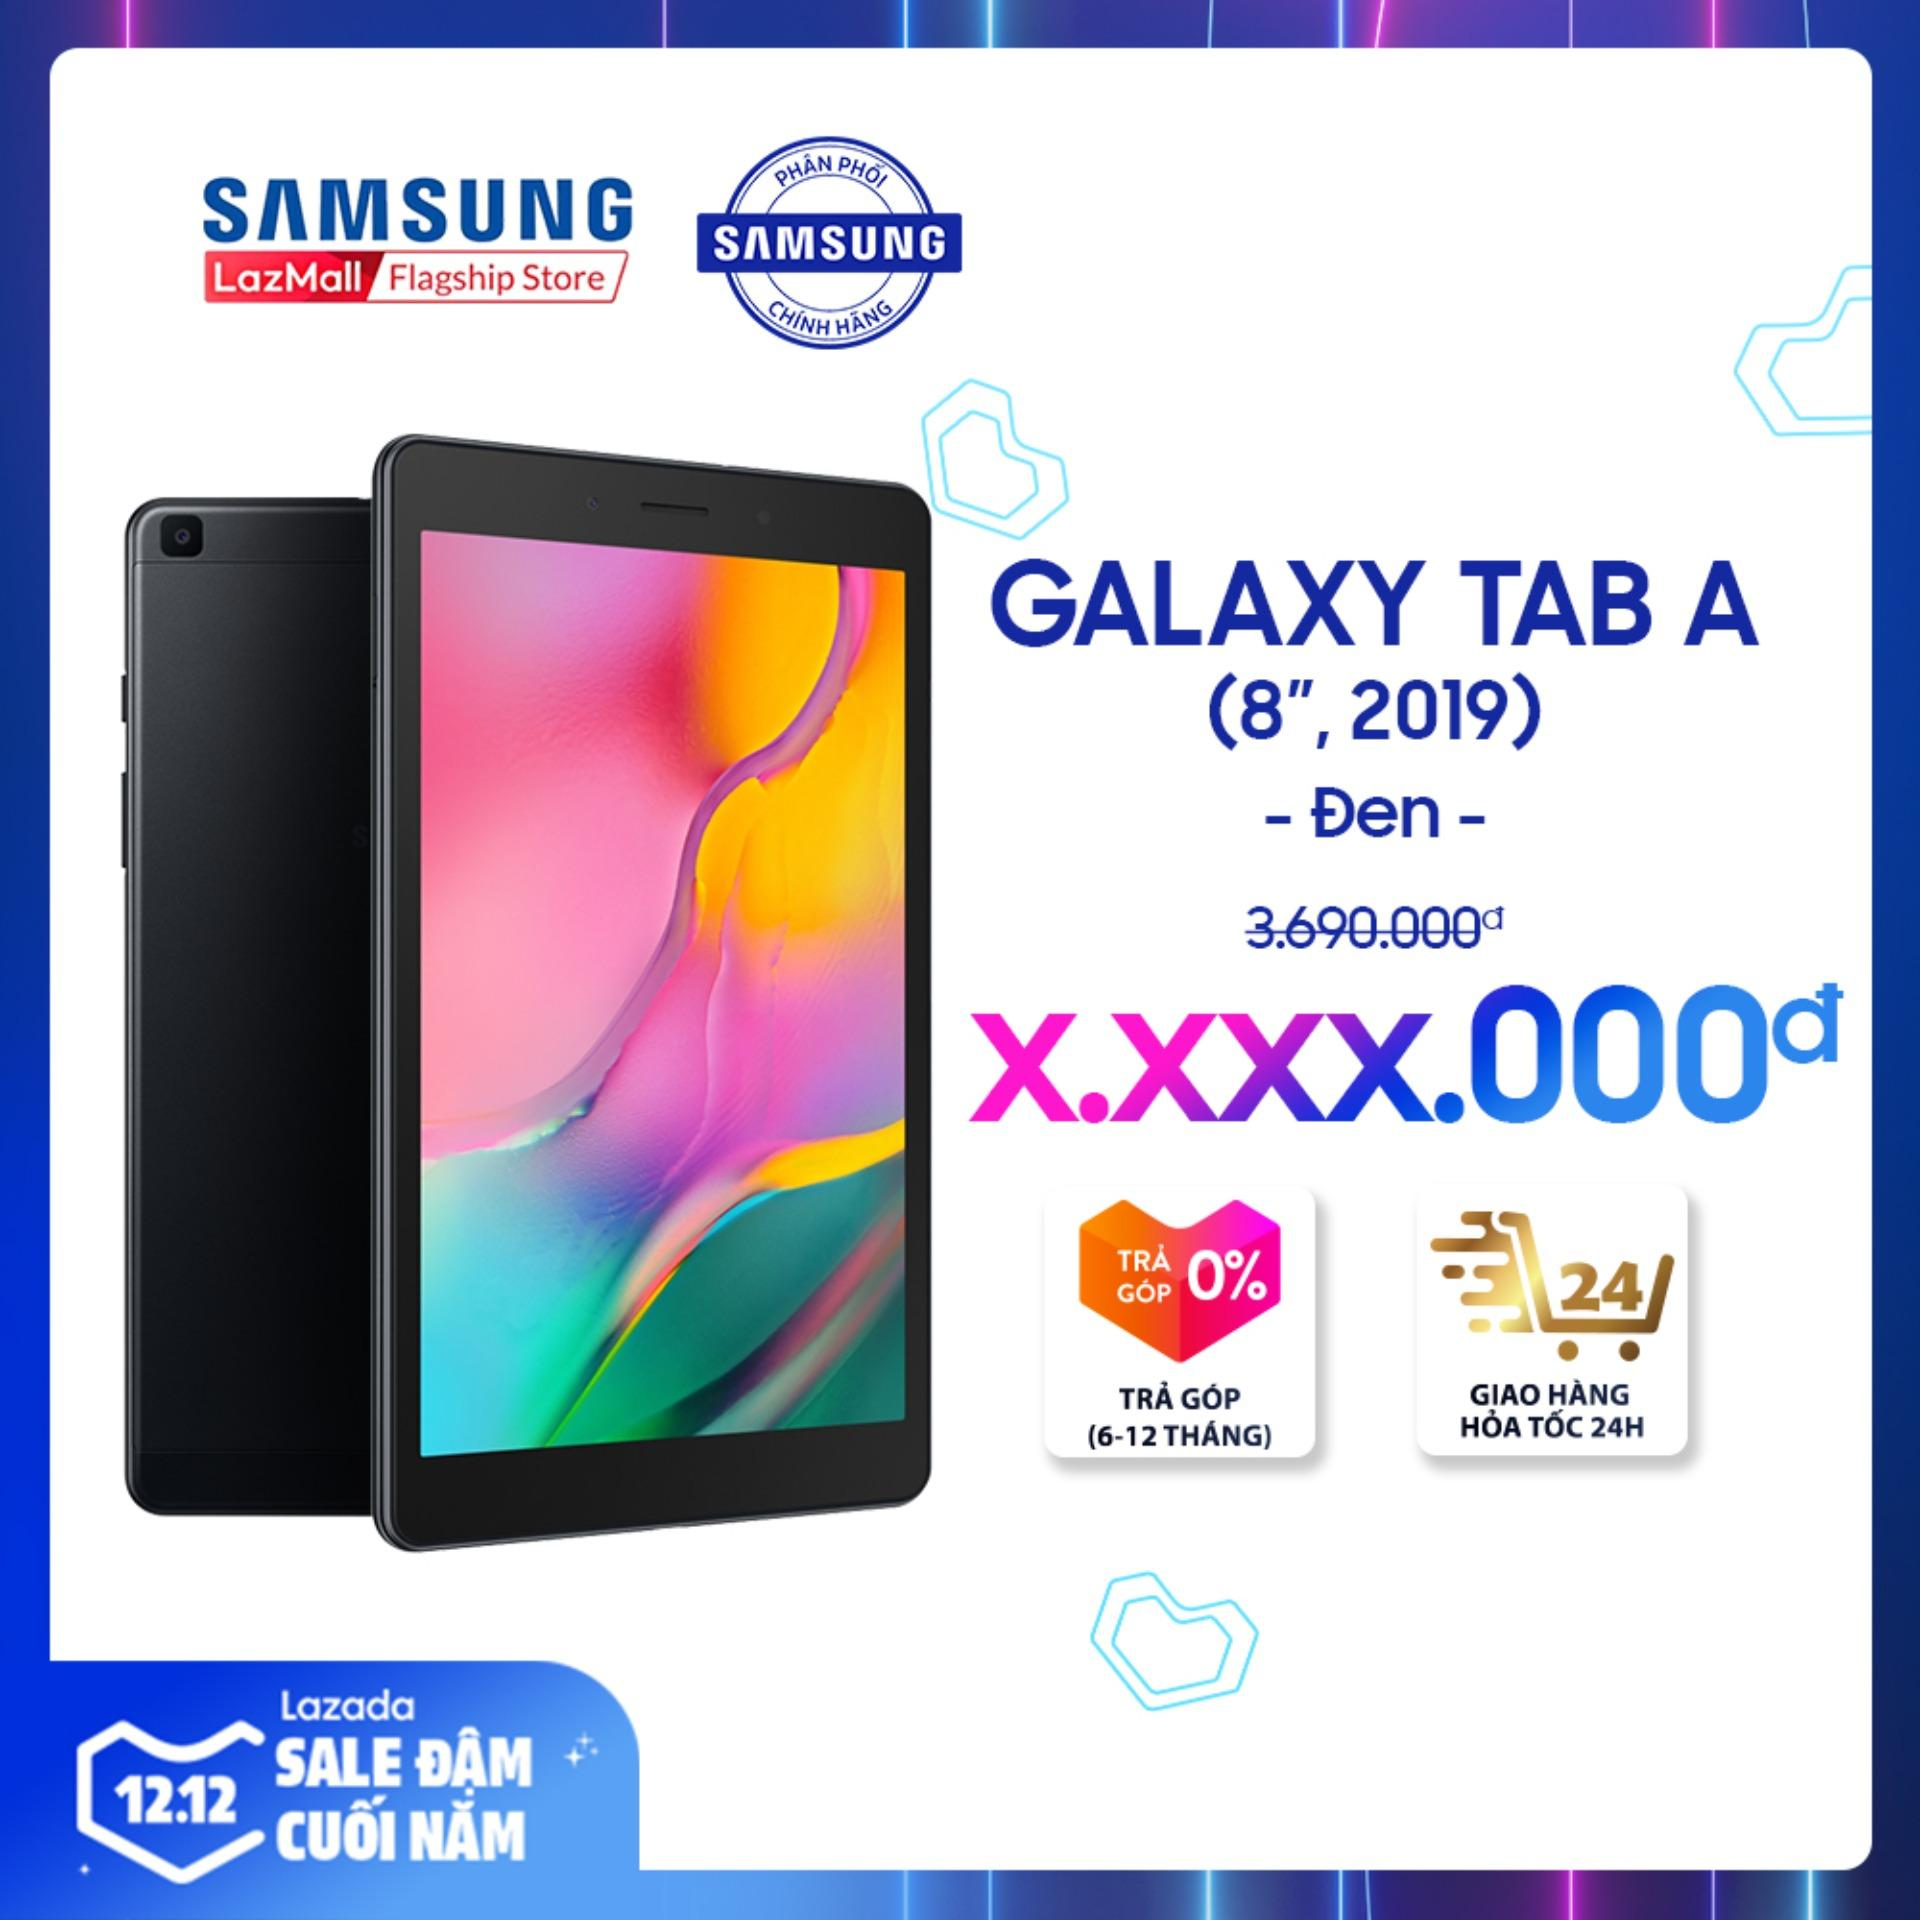 Máy Tính Bảng Galaxy Tab A SM-T295 32GB (2GB RAM) 2019 Đen - Màn Hình 8 Inch, Tỷ Lệ 16:10 Full HD + Trọng Lượng Chỉ 347g Mỏng Nhẹ + Hỗ Trợ Thẻ Nhớ đến 512GB + Pin 5100 MAh - Hàng Phân Phối Chính Hãng. Đang Khuyến Mãi